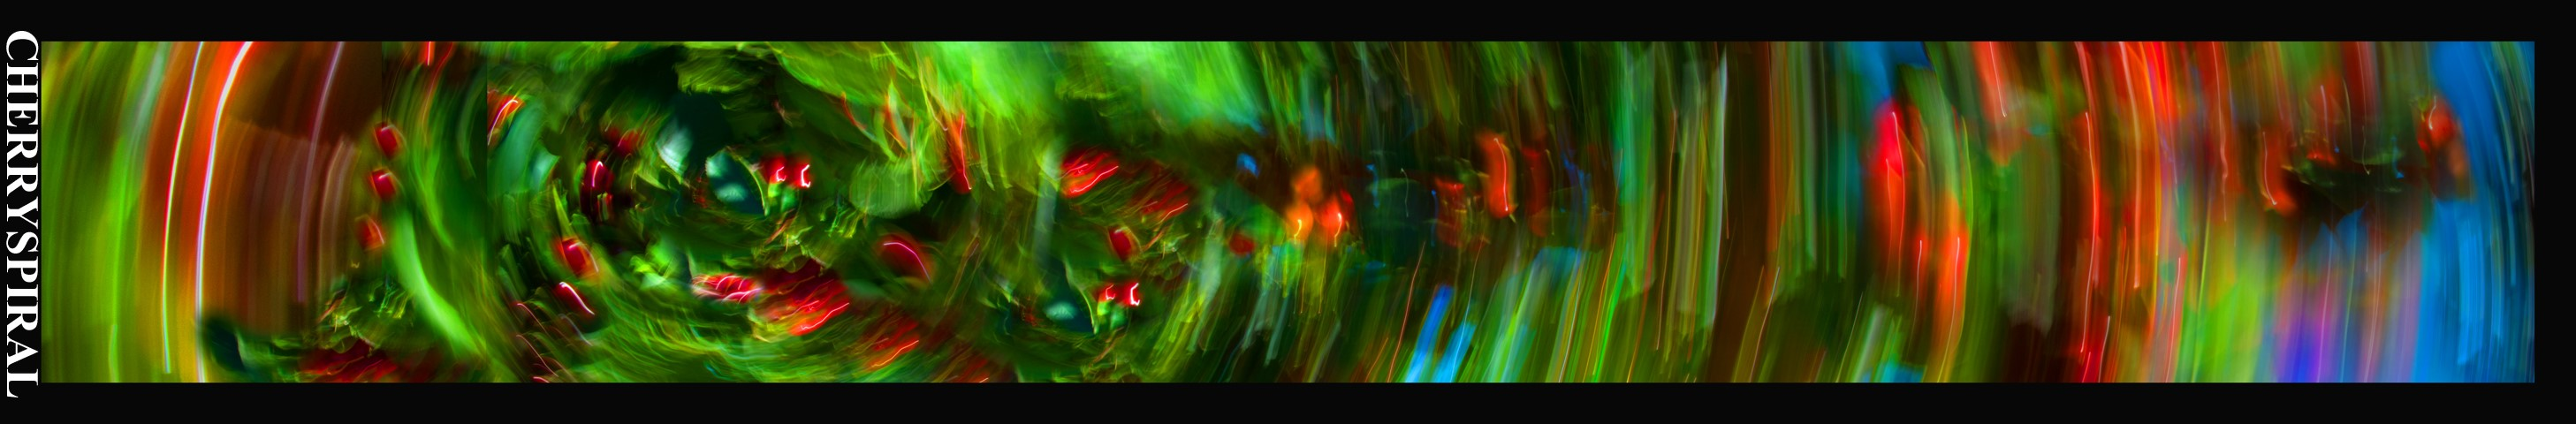 CherrySpiral IEU 8 x 60